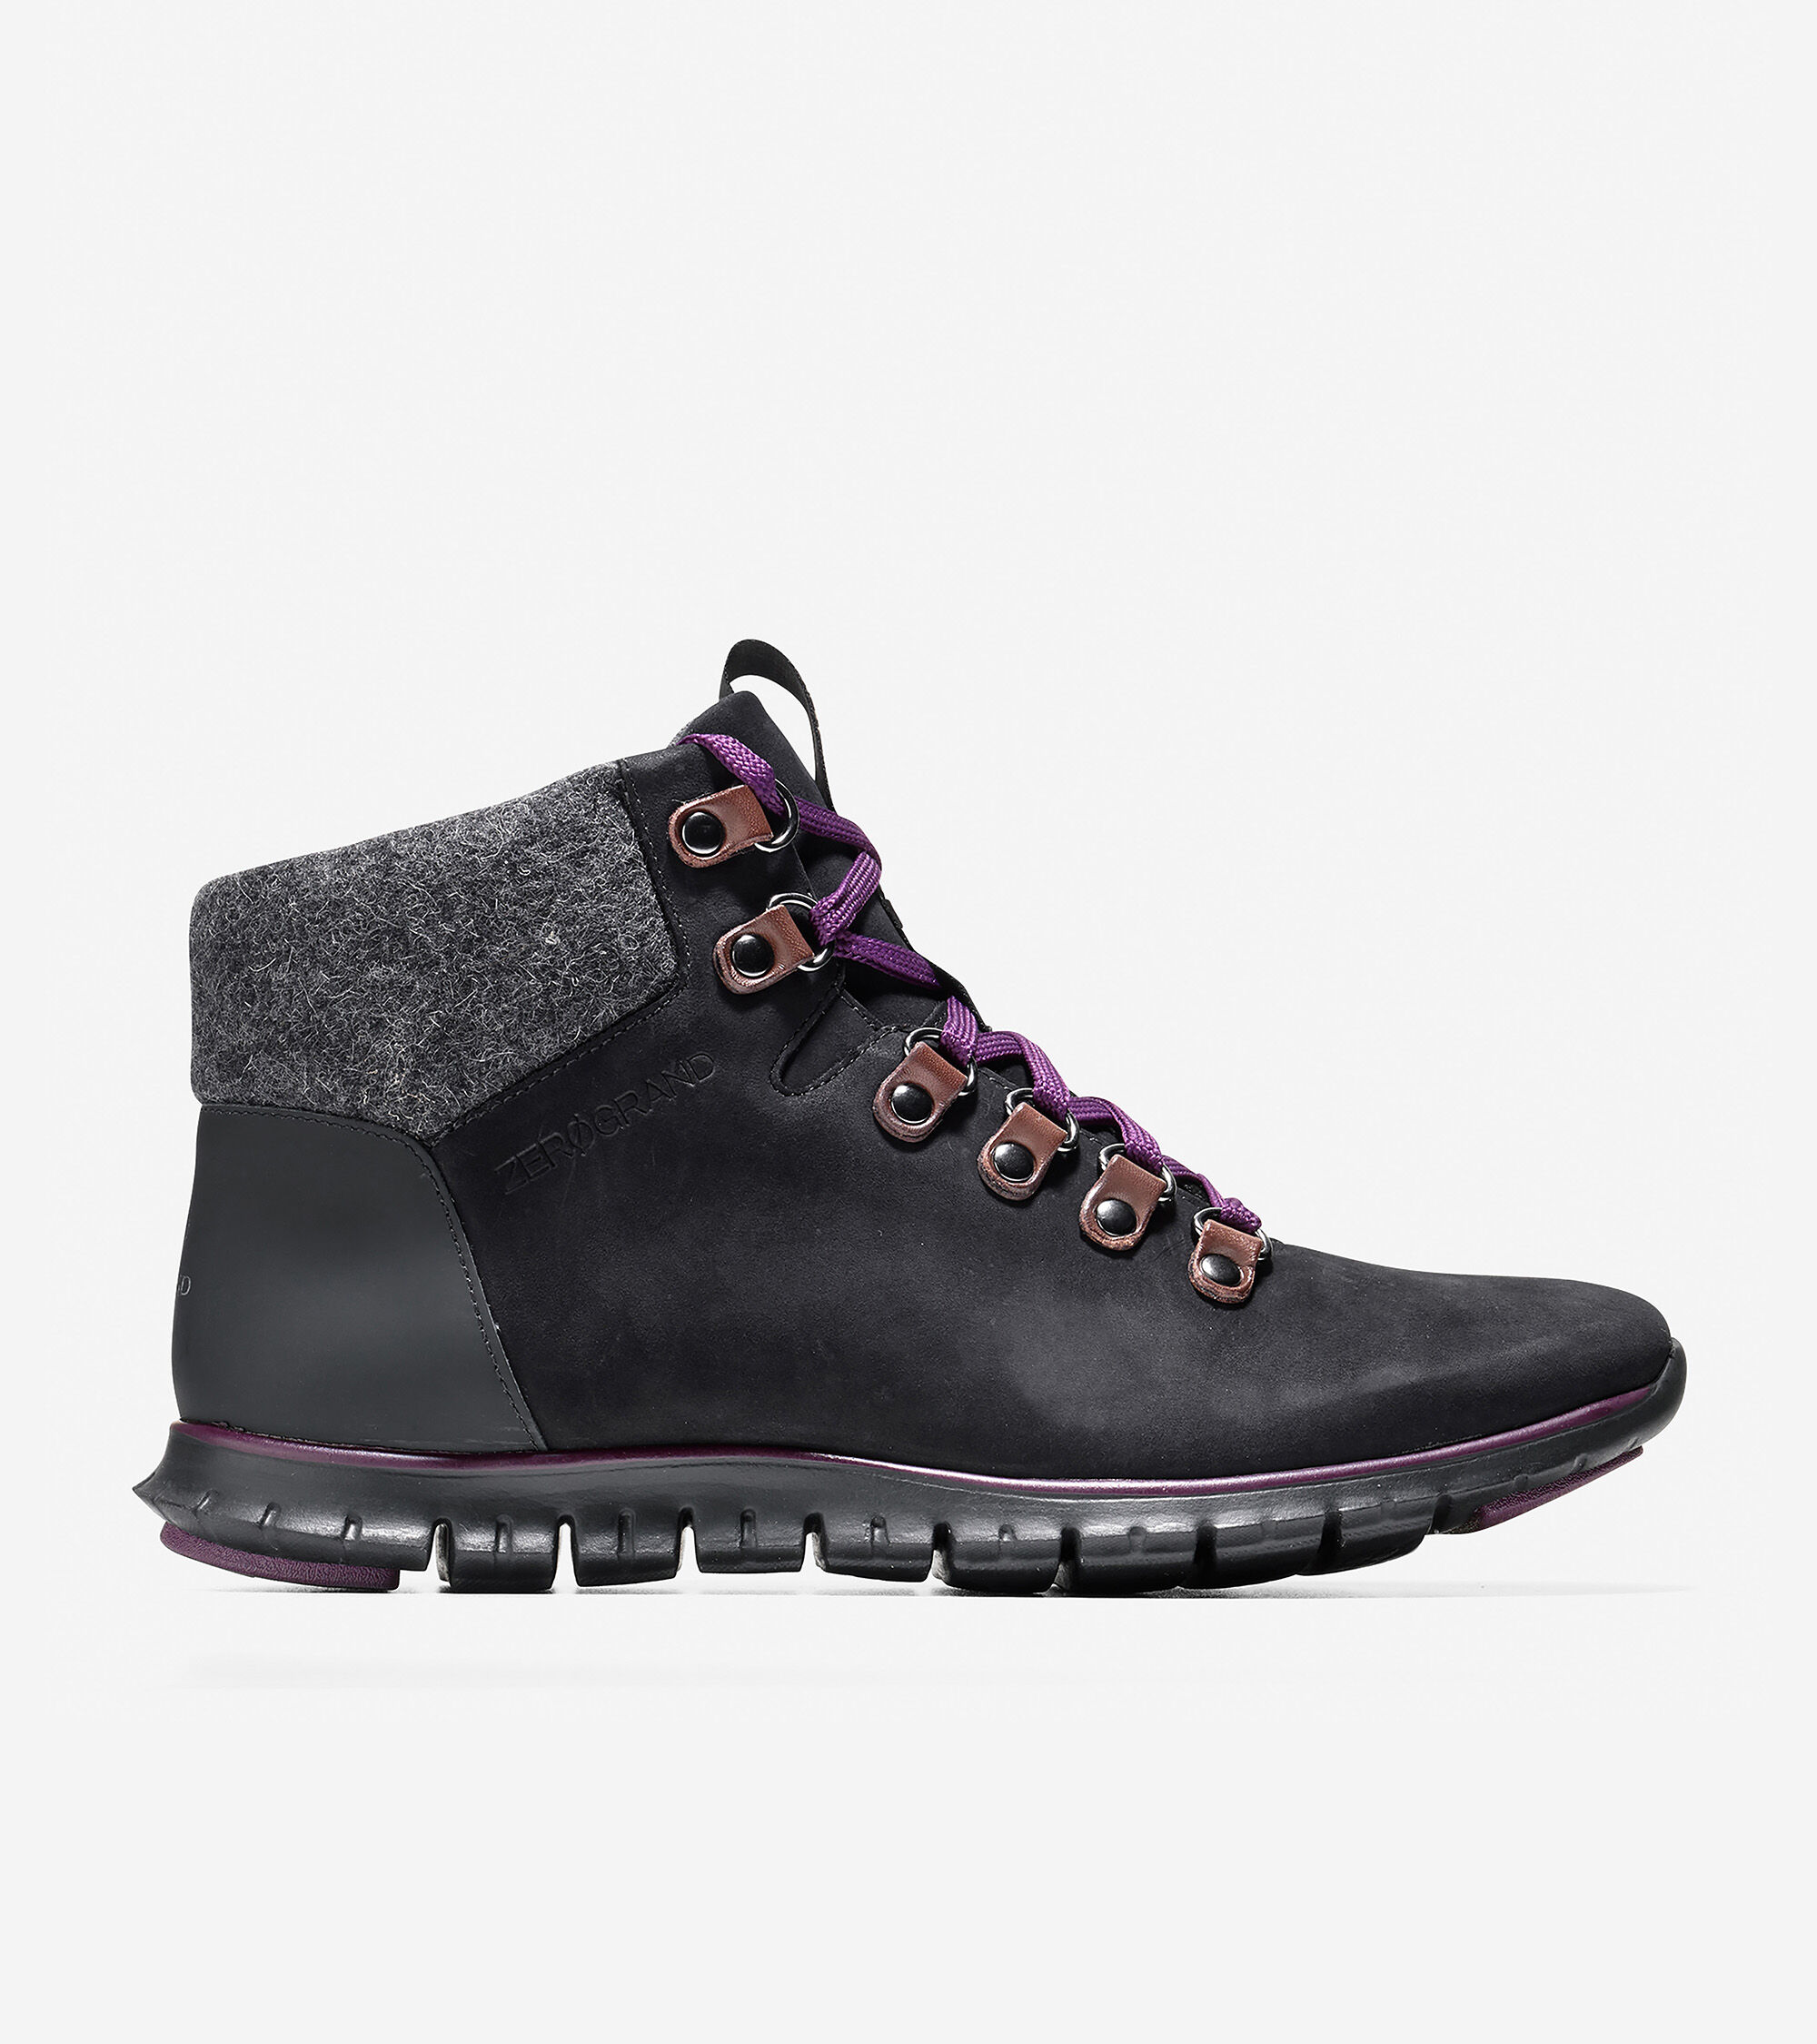 Hiker Boot in Black-Elderberry